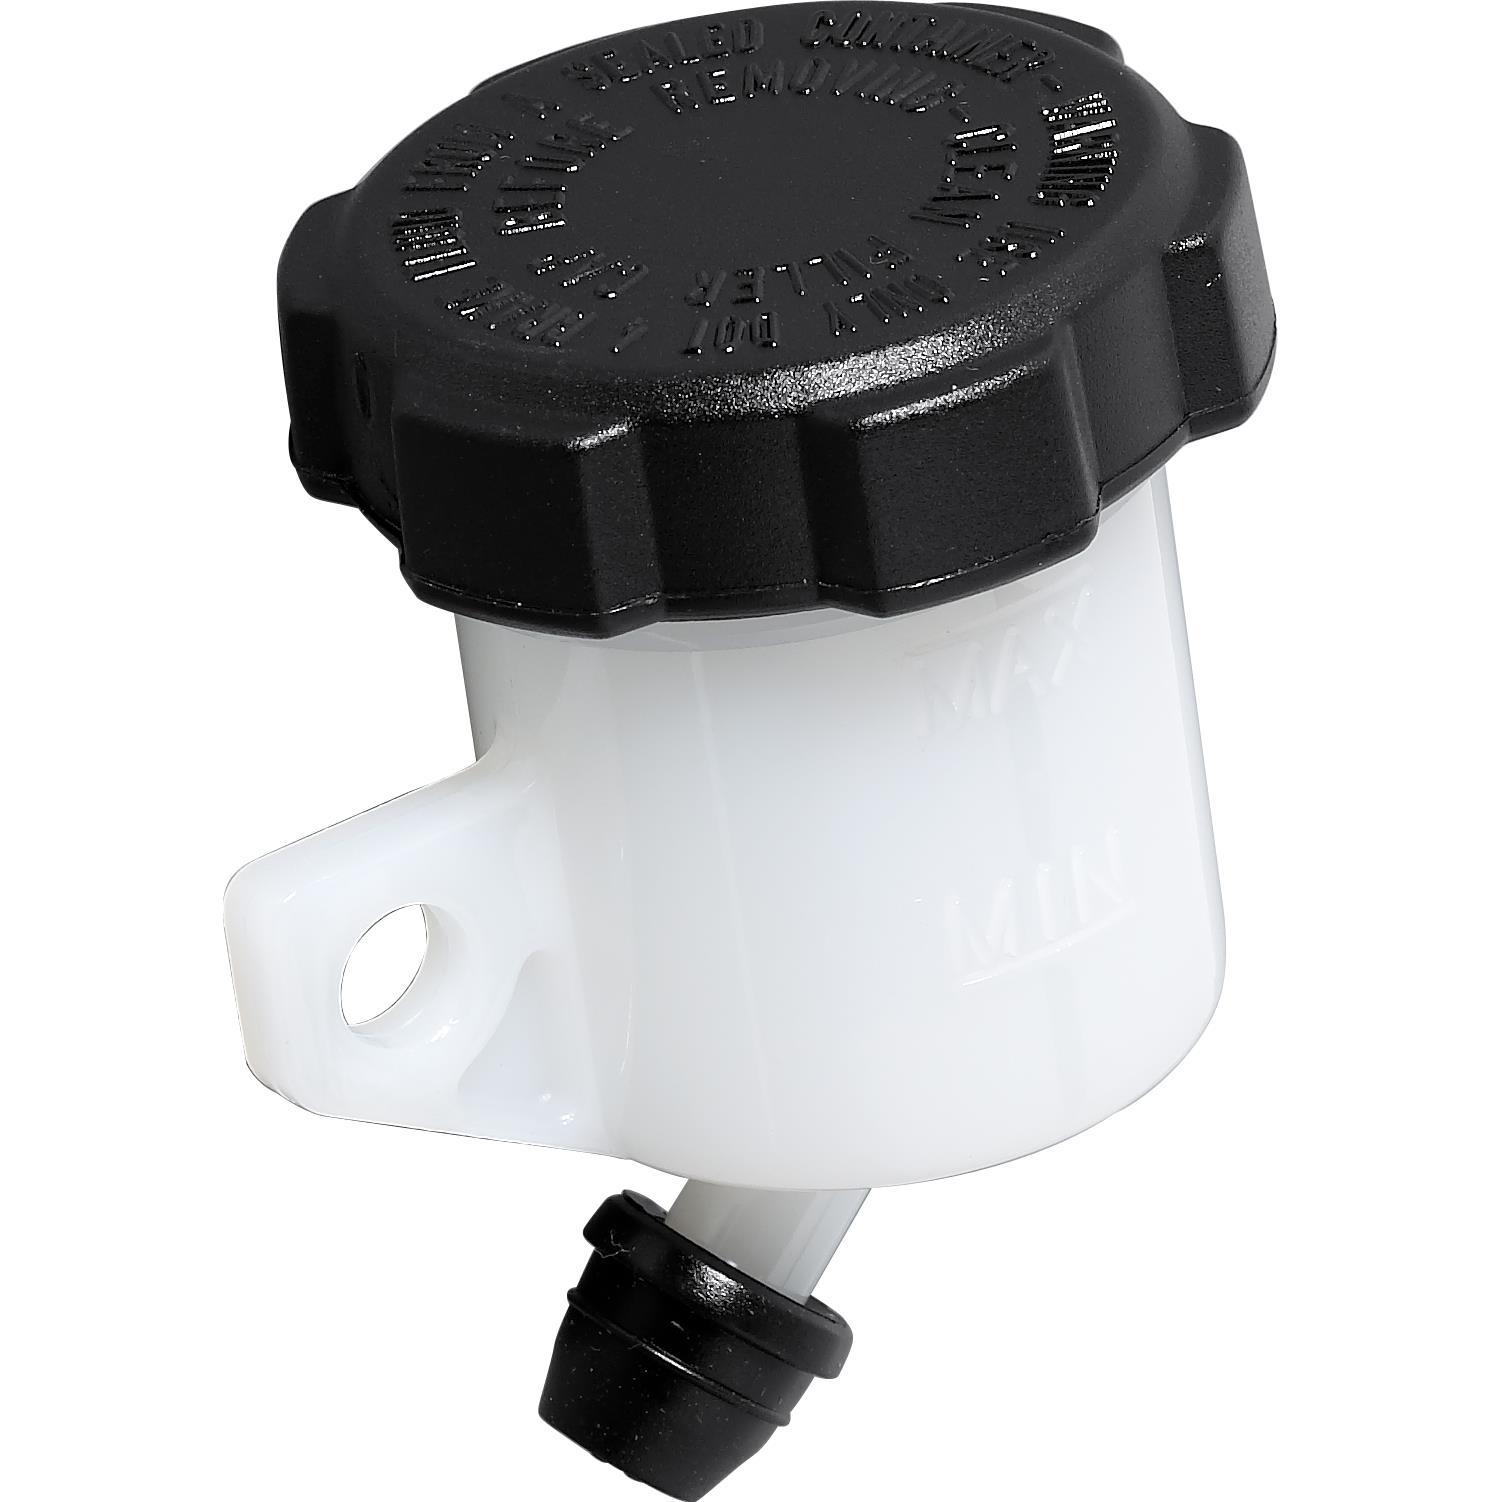 Image of ABM Ausgleichsbehälter 15ml Anschluß 45 Grad